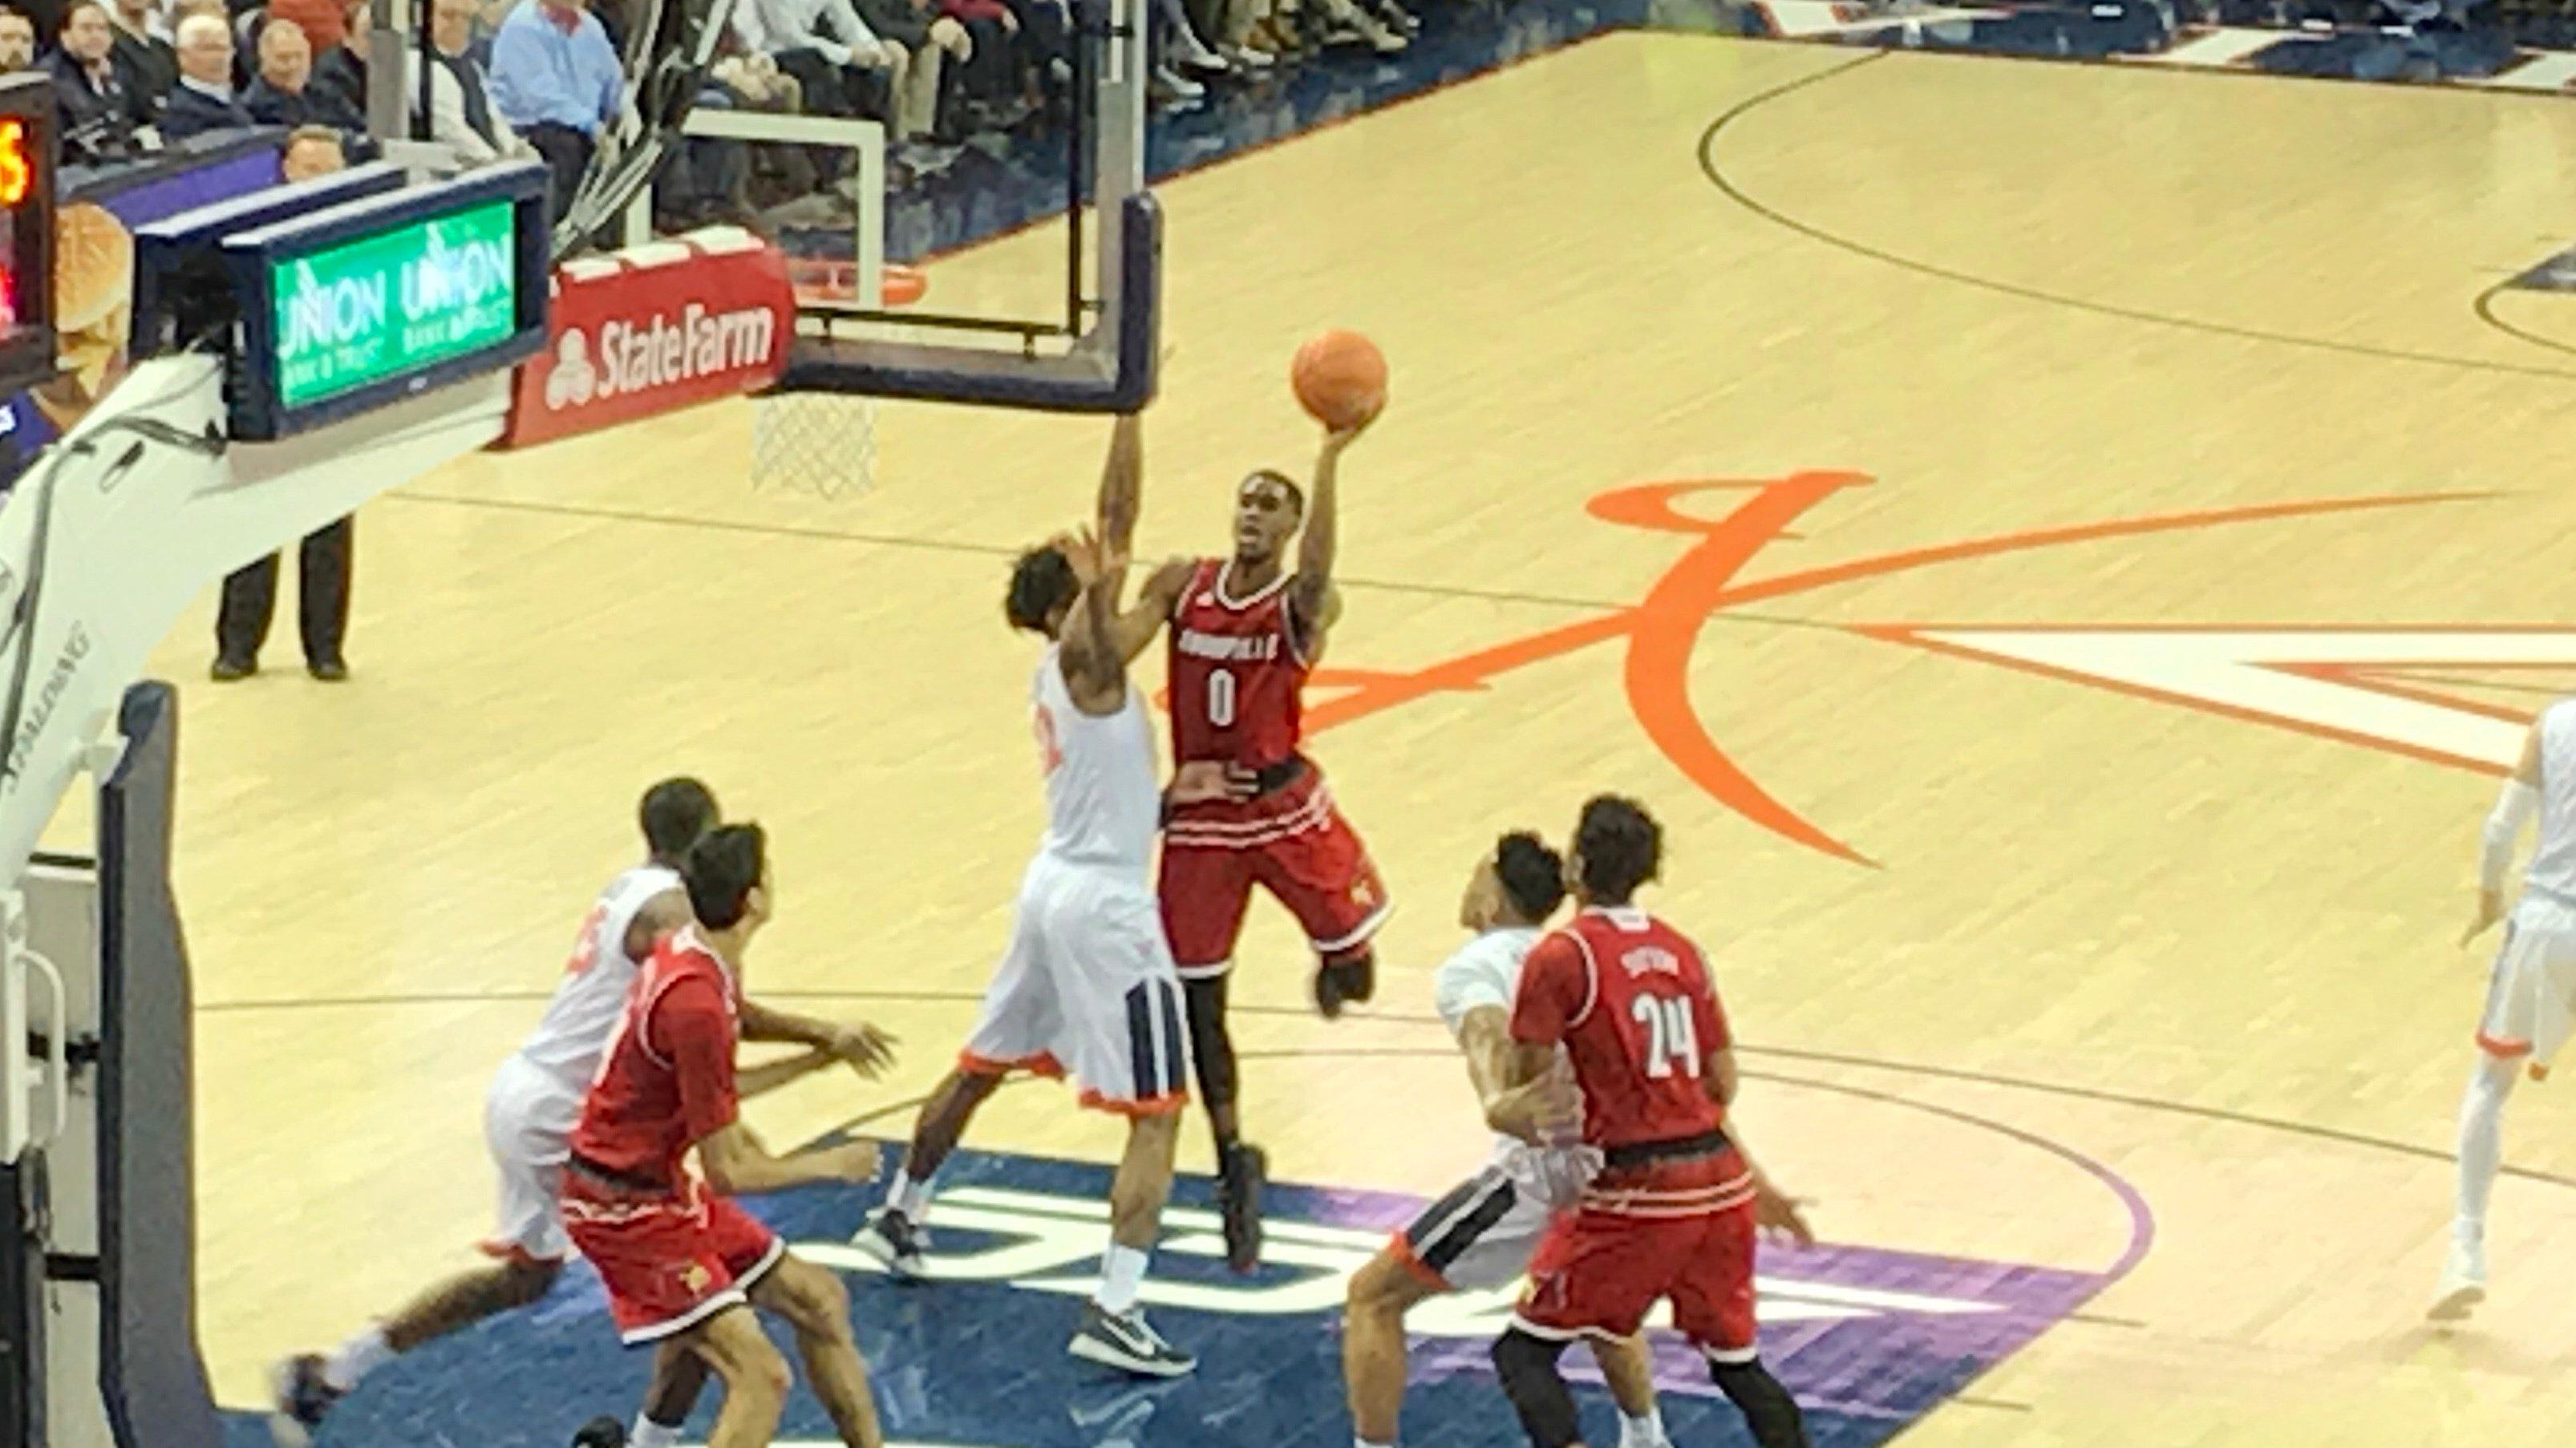 V.J. King scored in traffic for Louisville against Virginia Wednesday night.